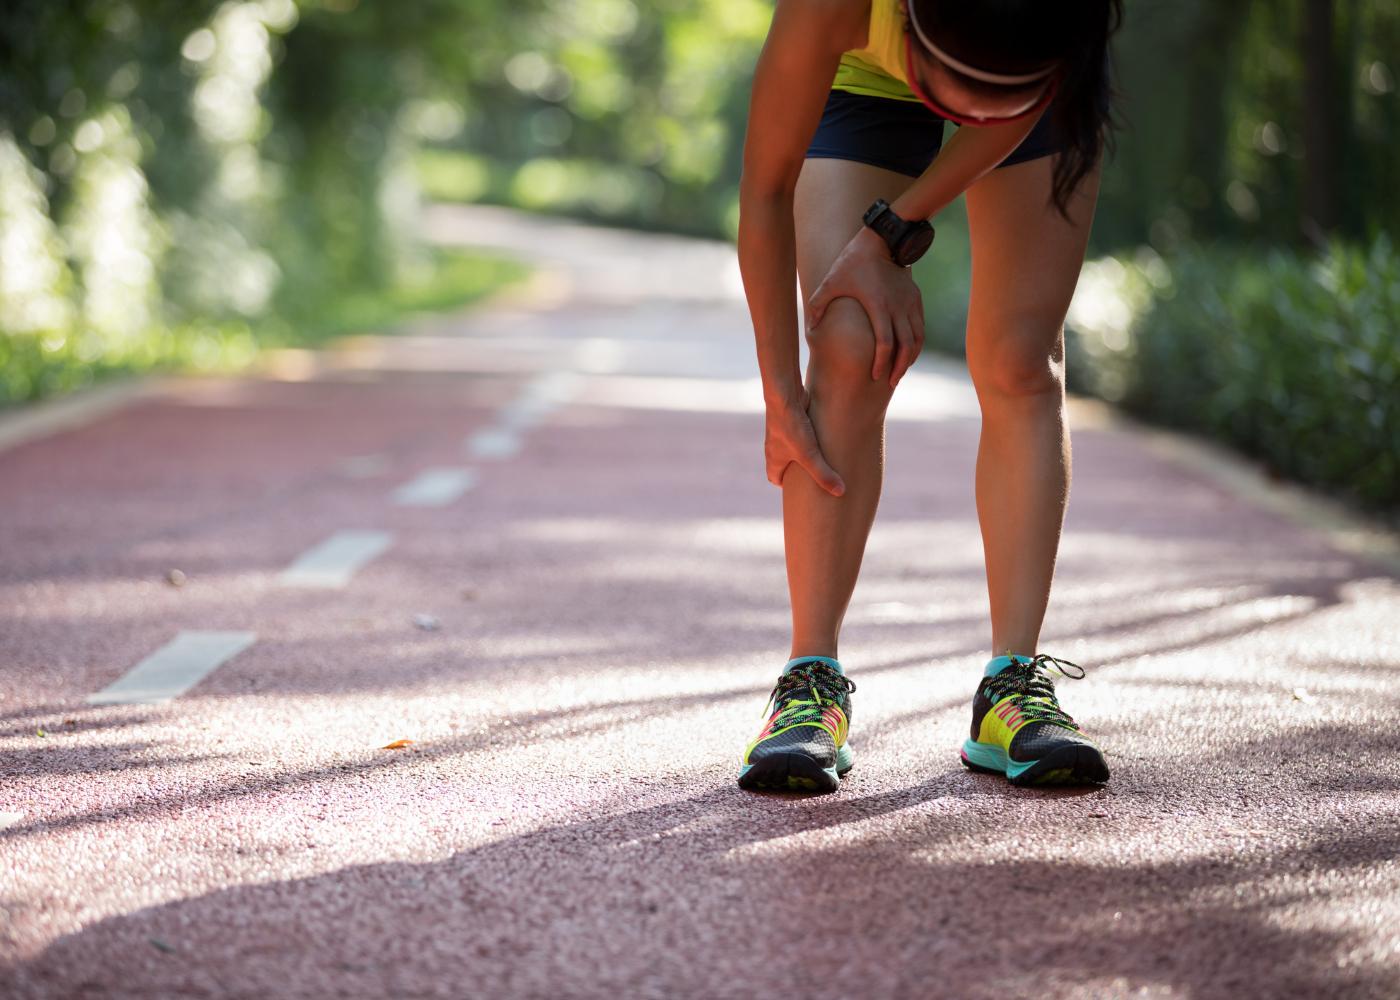 atleta com dor nas pernas a correr